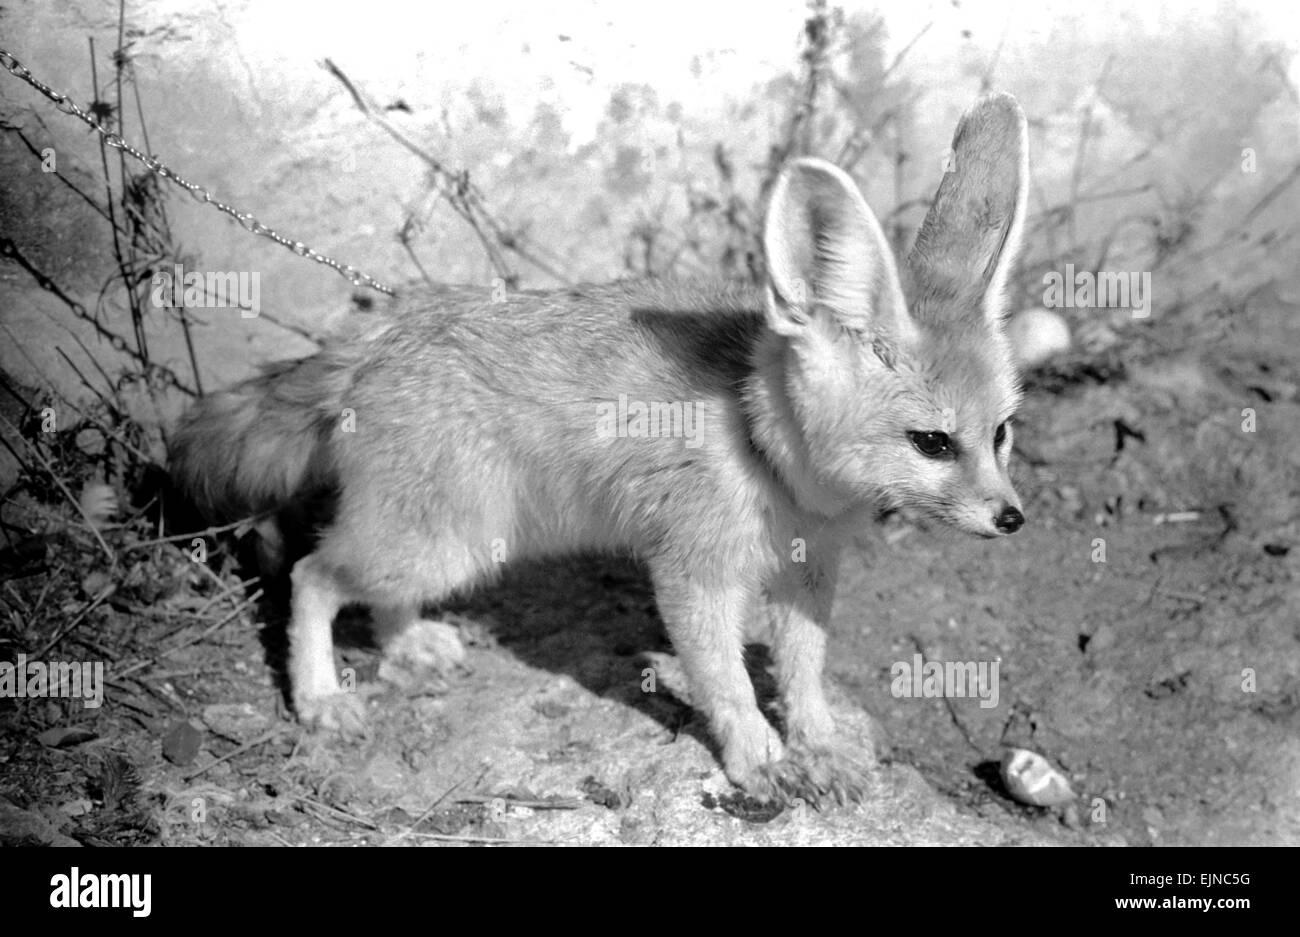 Rommella the desert fox February 1972 72-1465-028 - Stock Image